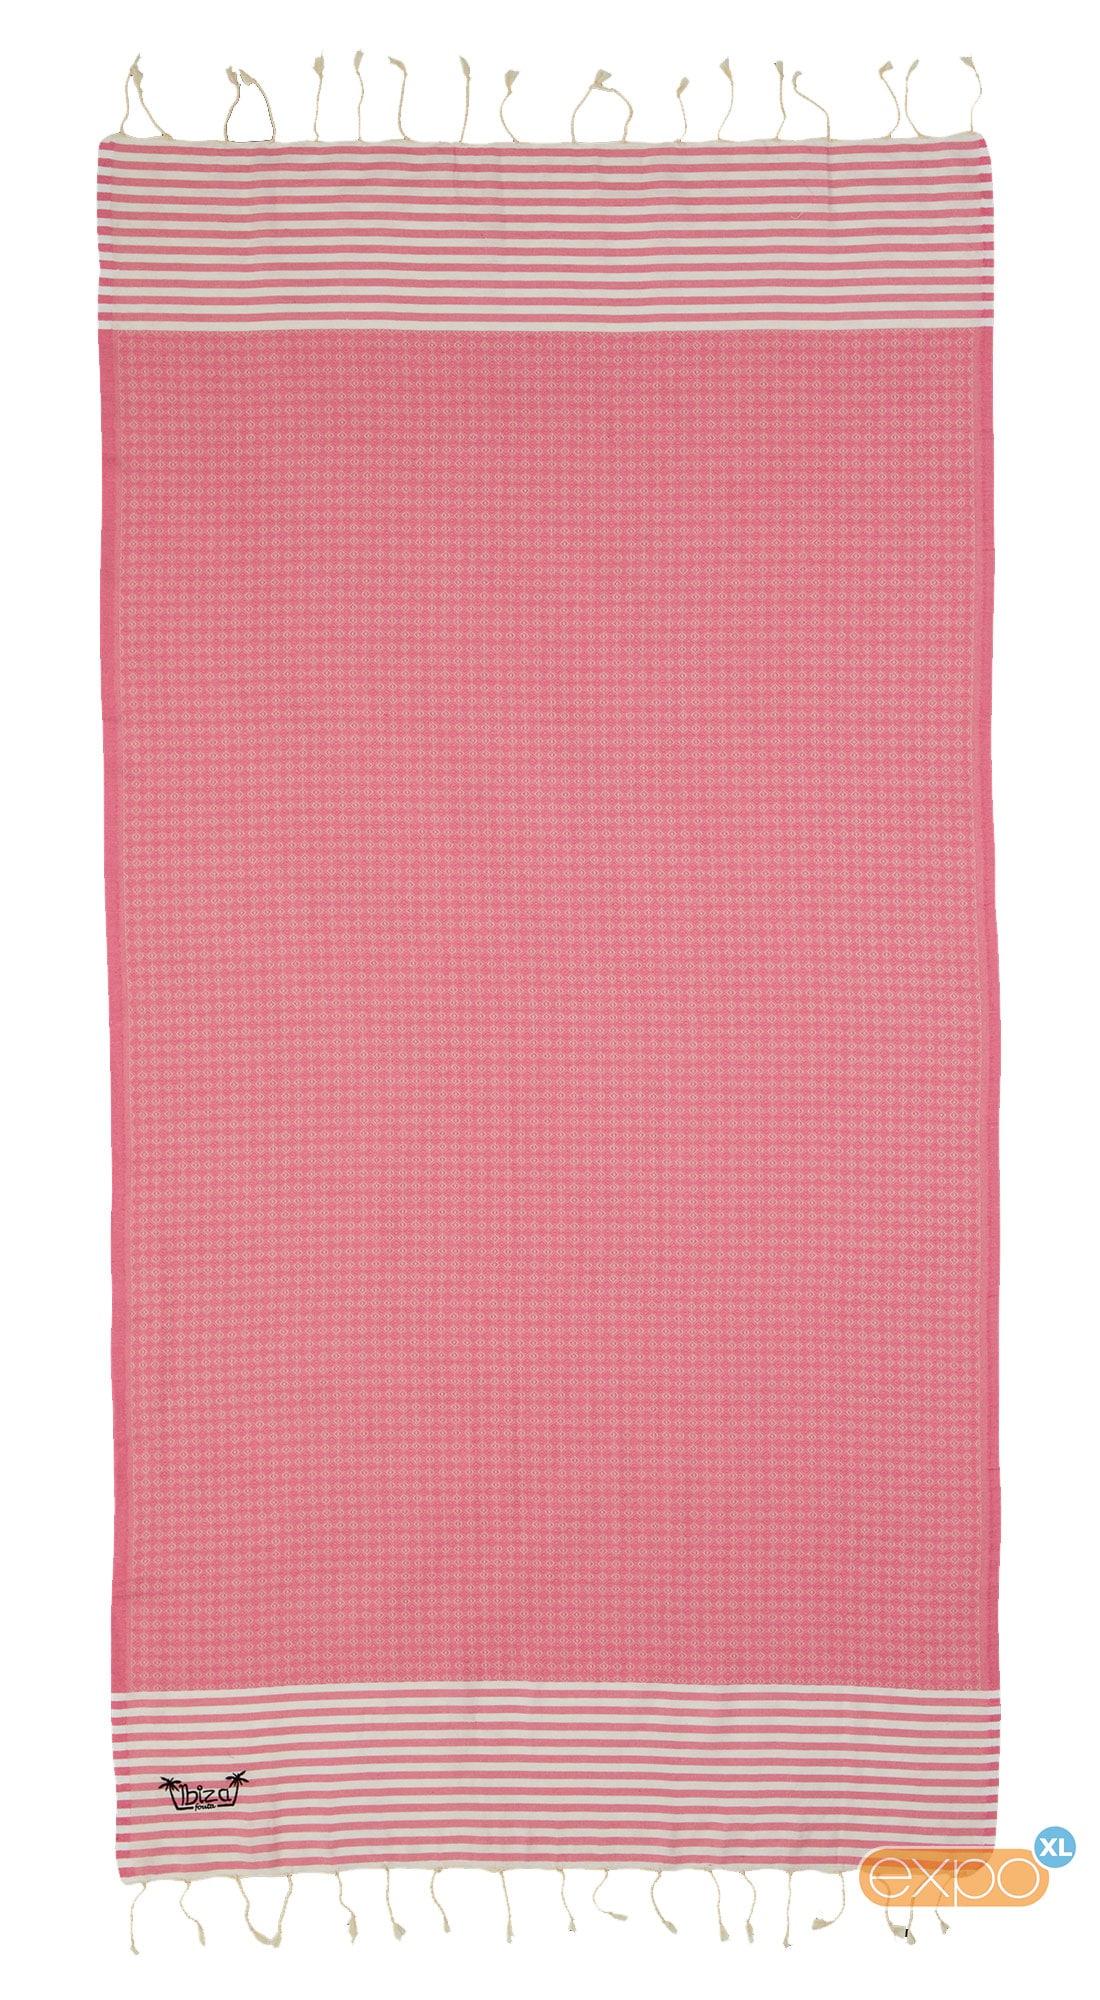 Expo XL Fouta Ses Bouques - XL hamamdoek - roze